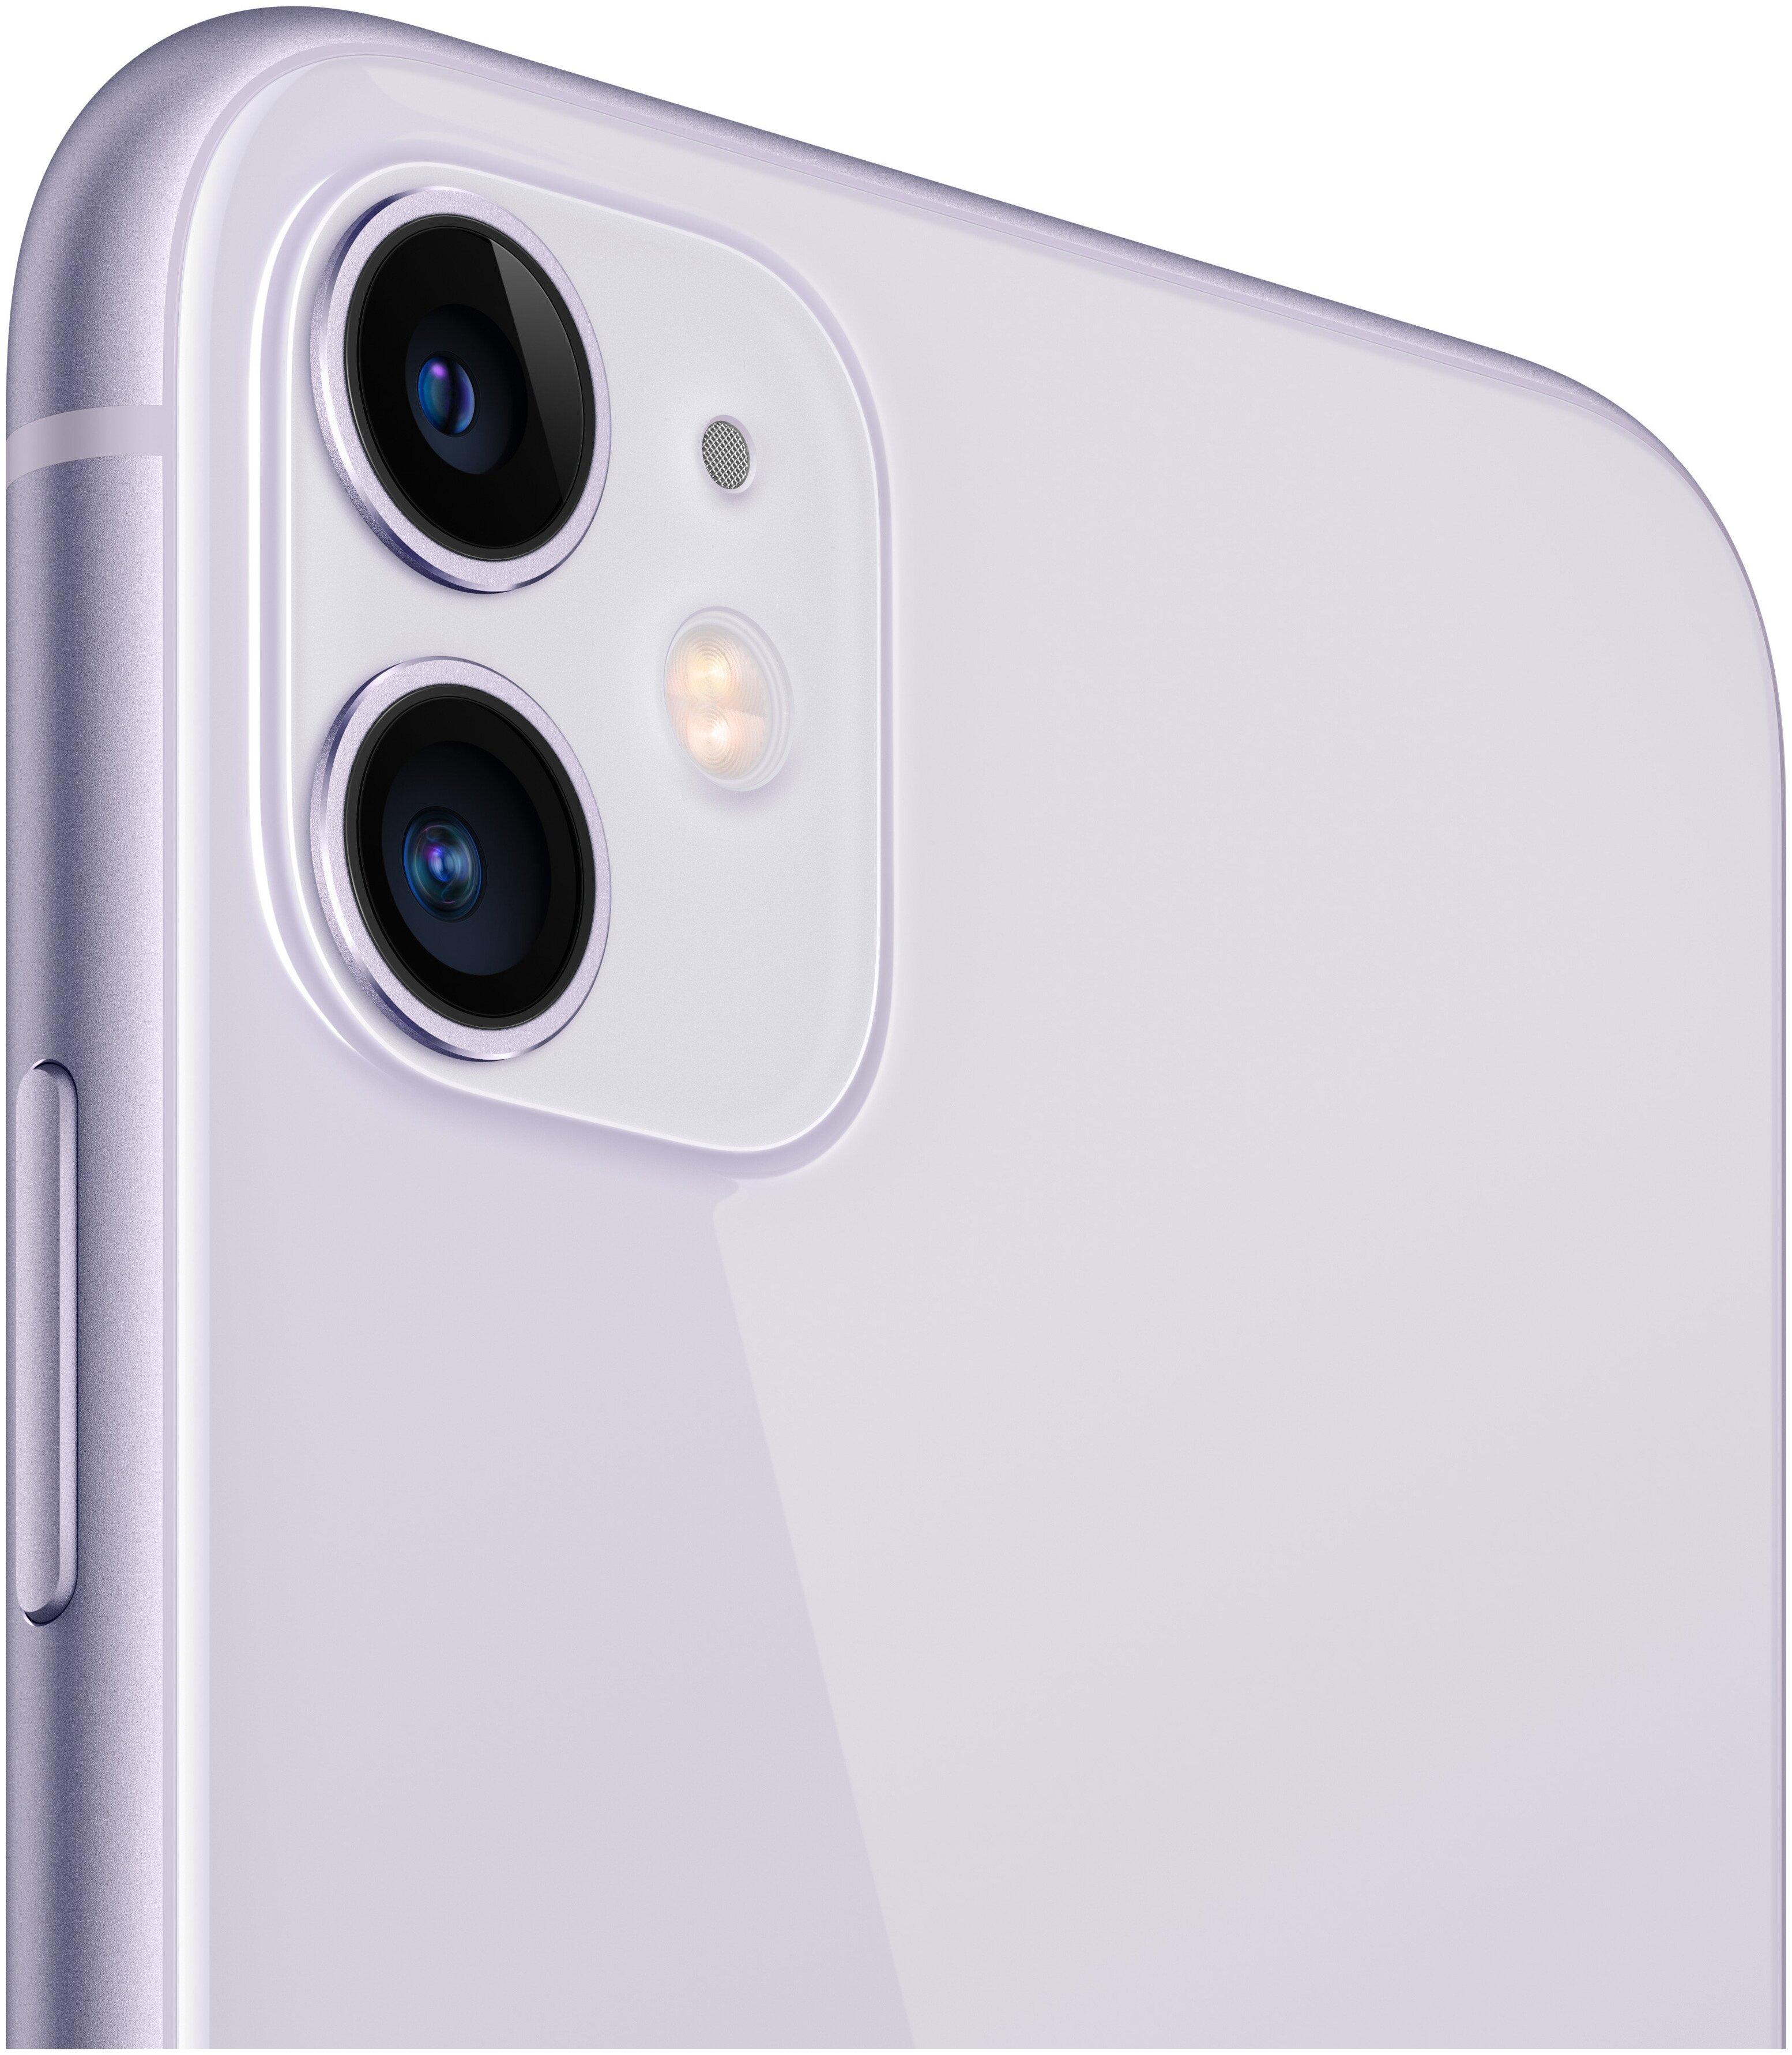 Apple iPhone 11 256GB - двойная камера: 12МП, 12МП